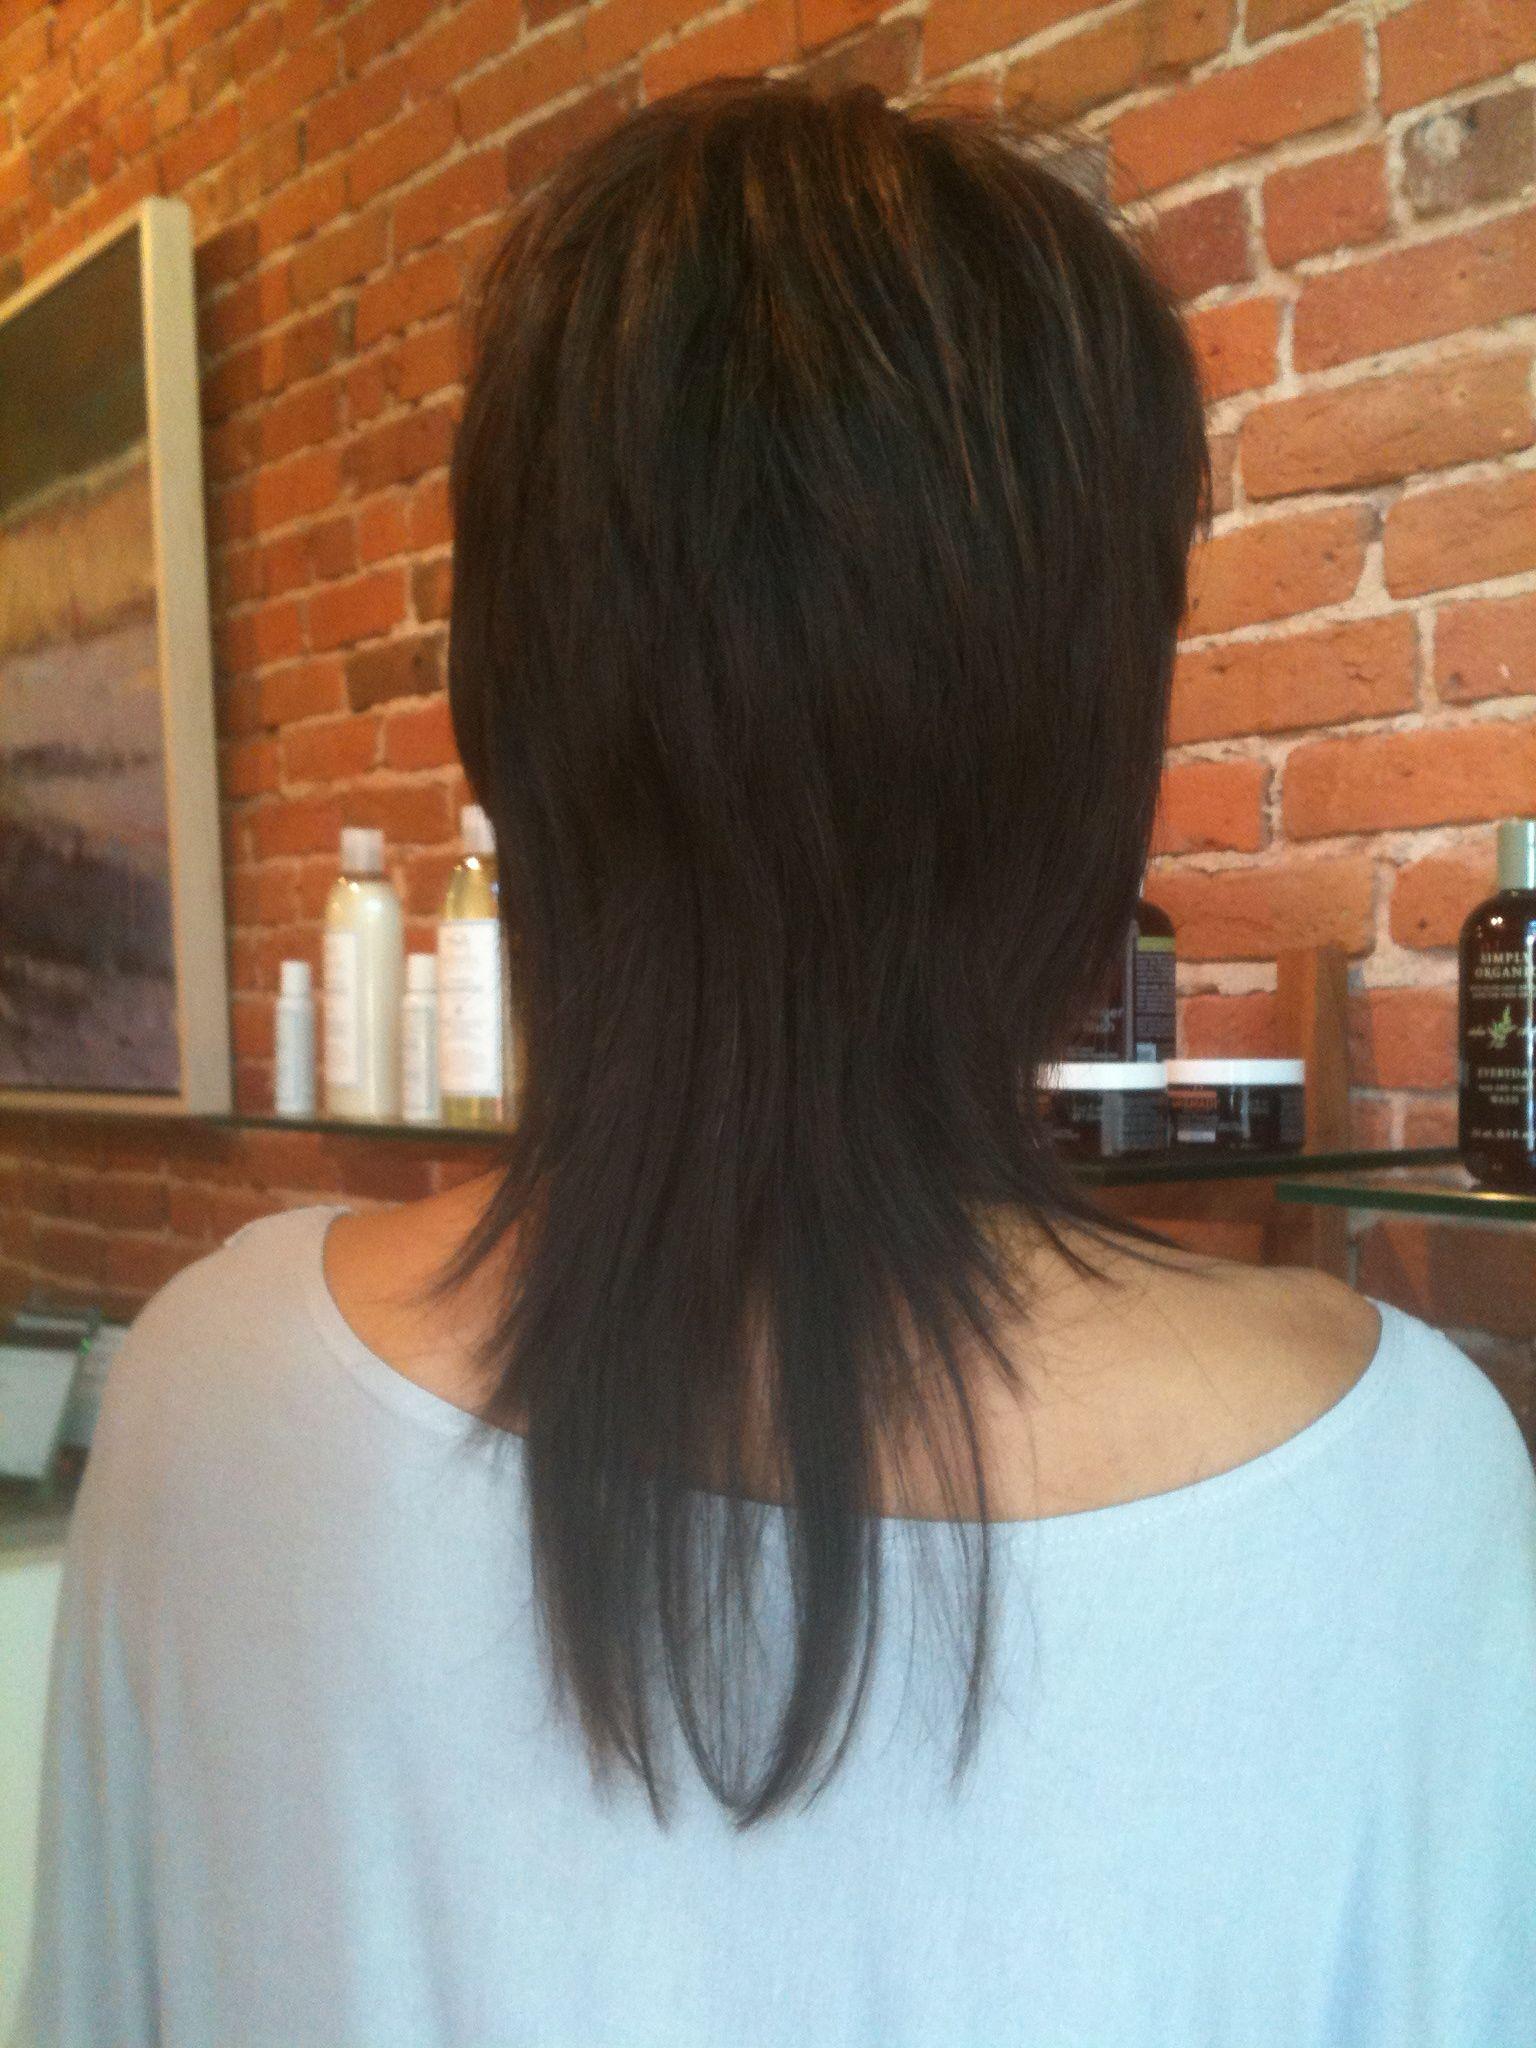 Razor cut done by suzanne huffmanchamberlin kalamazoo mi hair